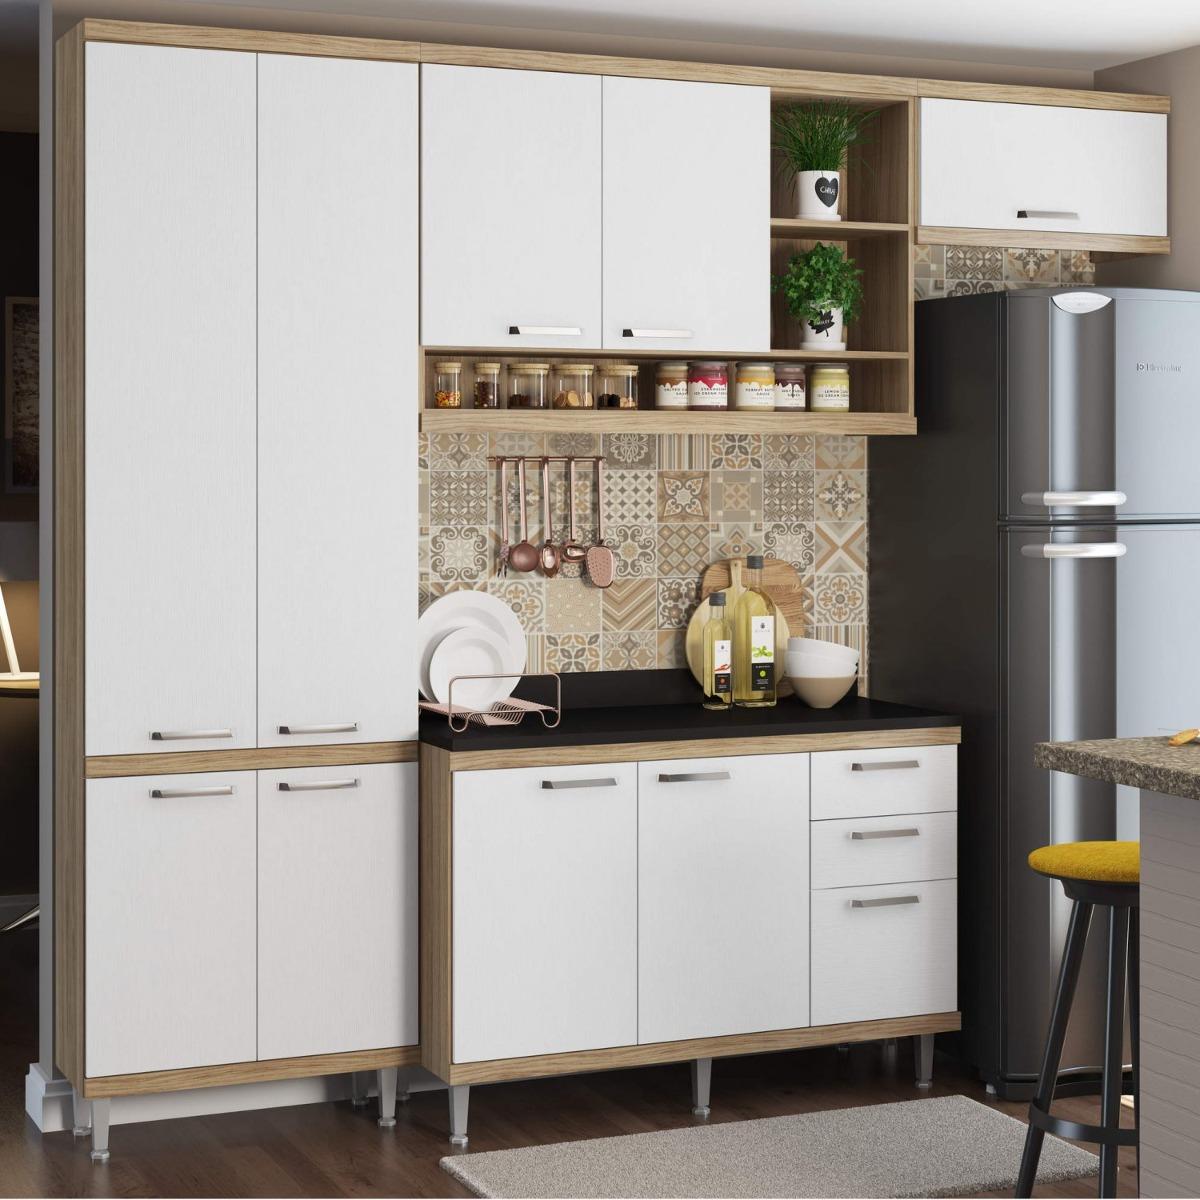 Cozinha Completa Com Tampo 9 Portas 5 Pe As Sic Lia Bh R 1 499 90